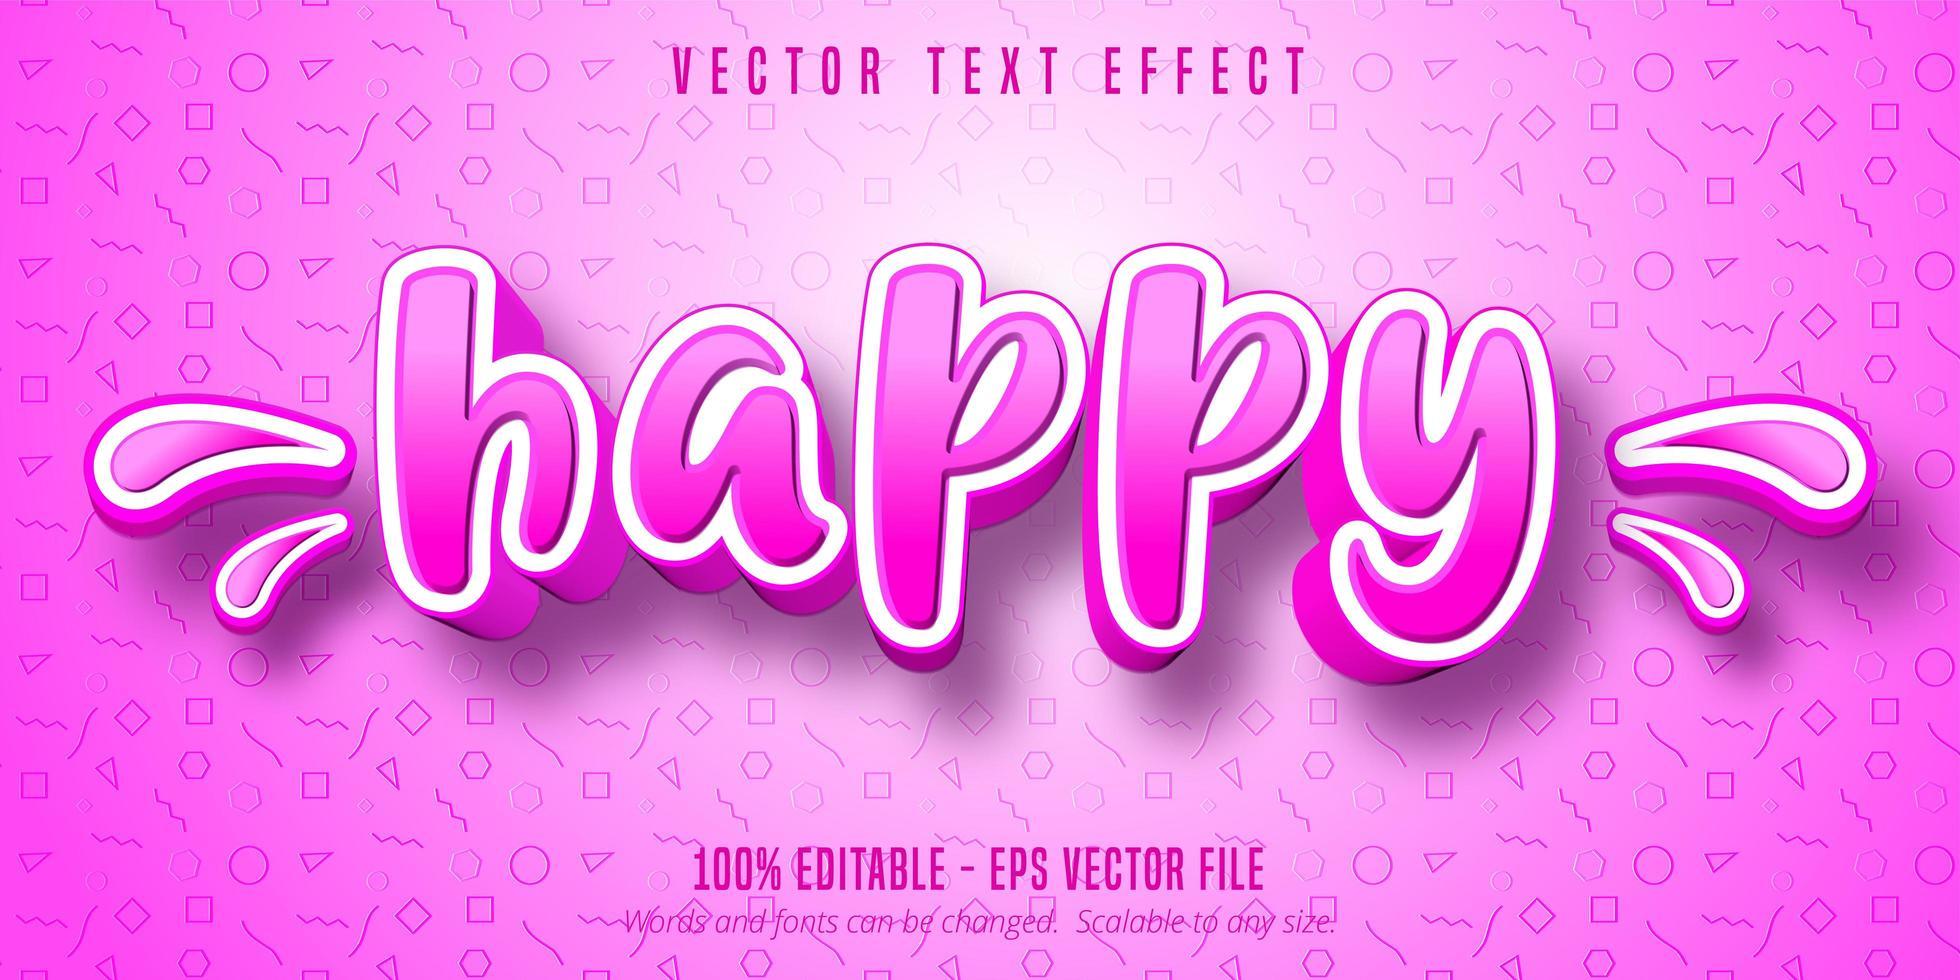 effet de texte modifiable de style dessin animé heureux rose et blanc vecteur